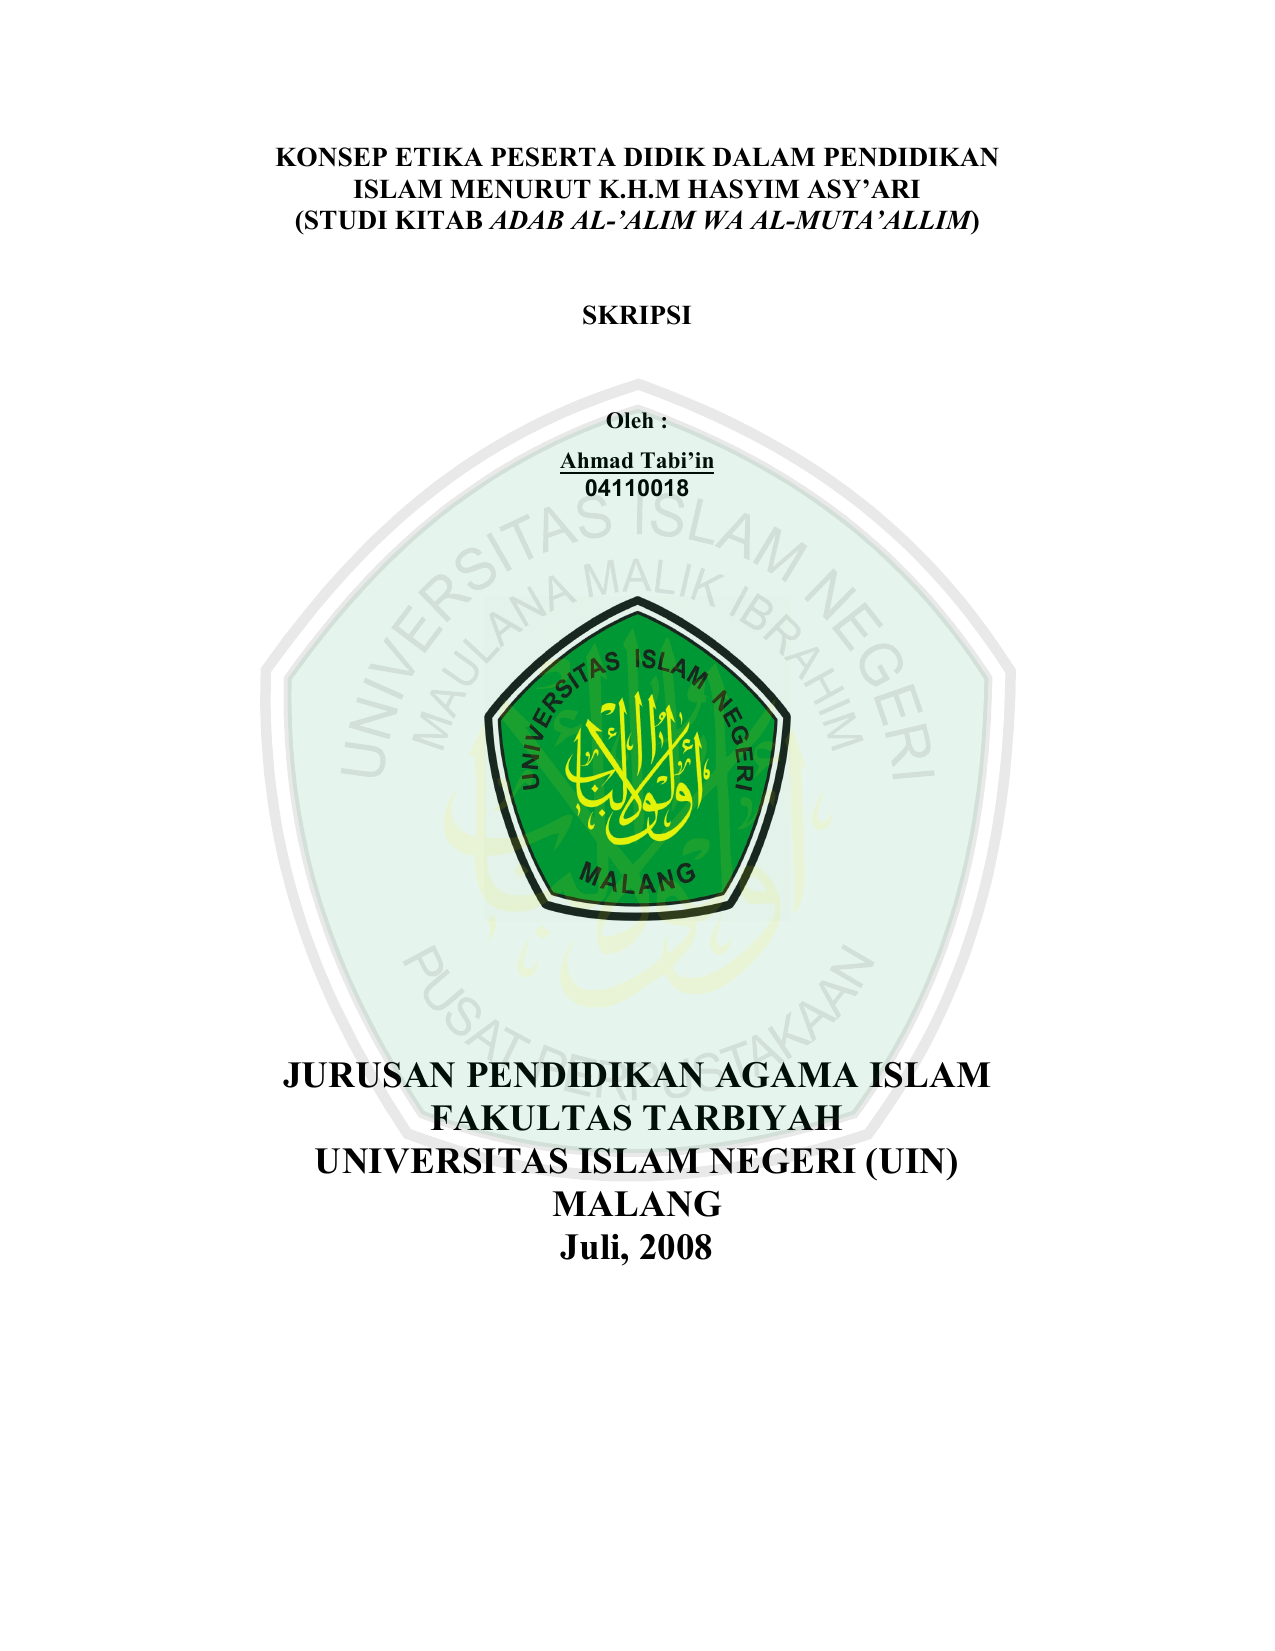 Isi Skripsi Etheses Of Maulana Malik Ibrahim State Islamic University